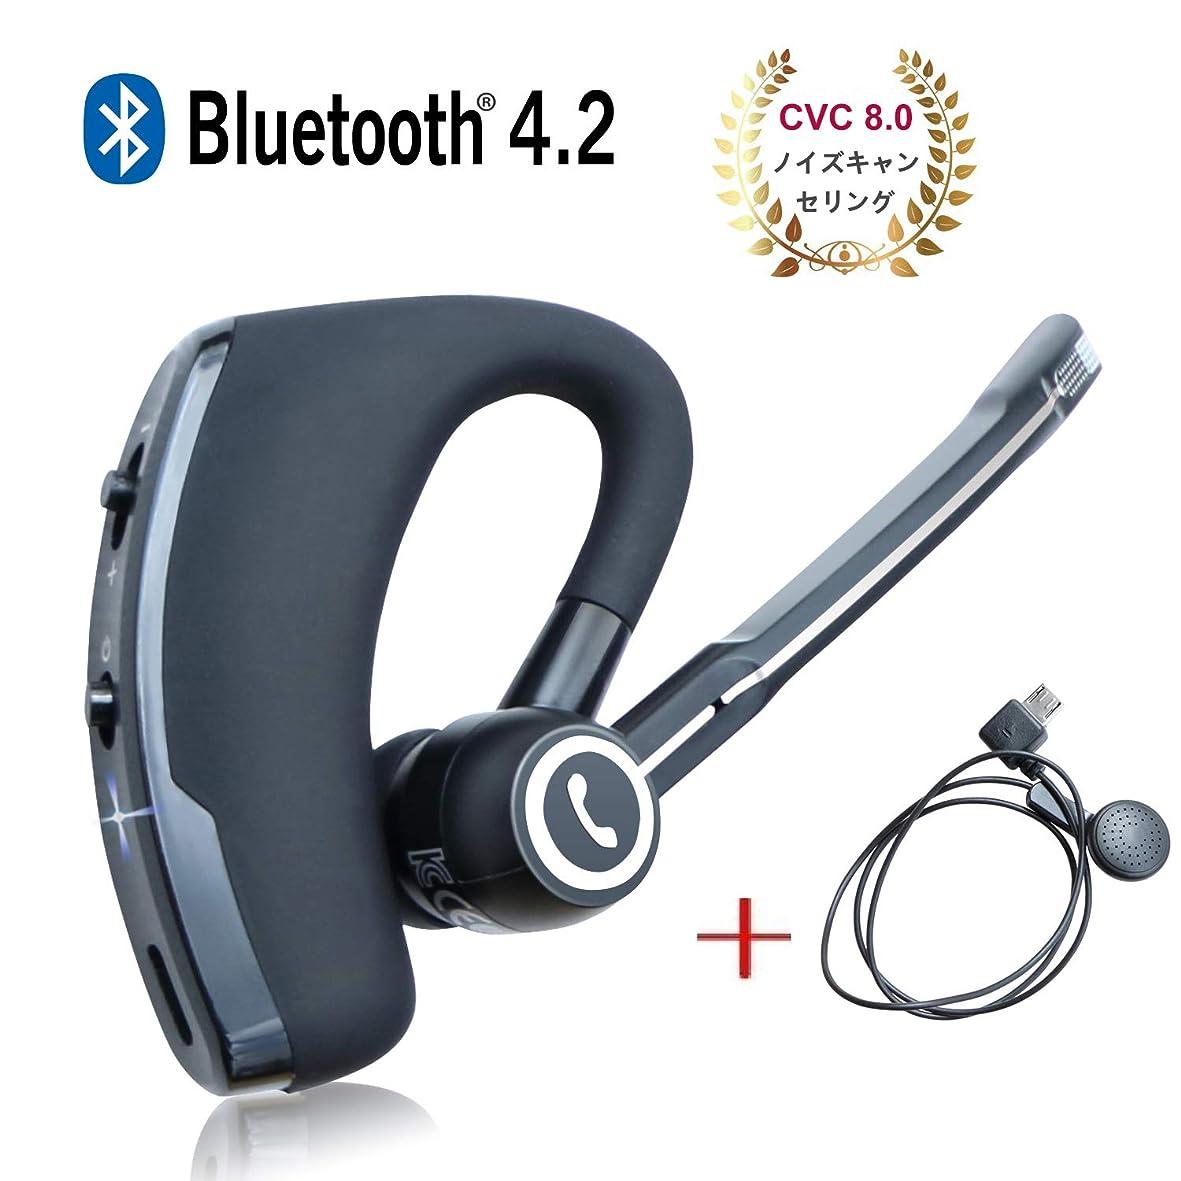 封筒暖炉いとこ【CVC8.0ノイズキャンセリング2019進化版】Three-T Bluetooth ヘッドセット Bluetooth 4.2 イヤホン 耳掛け型 マイク内蔵 ハンズフリー通話 高音質 スポーツ 片耳 両耳兼用 ビジネス 受話器 270°回転できる 各種類設備に対応 日本語説明書付き